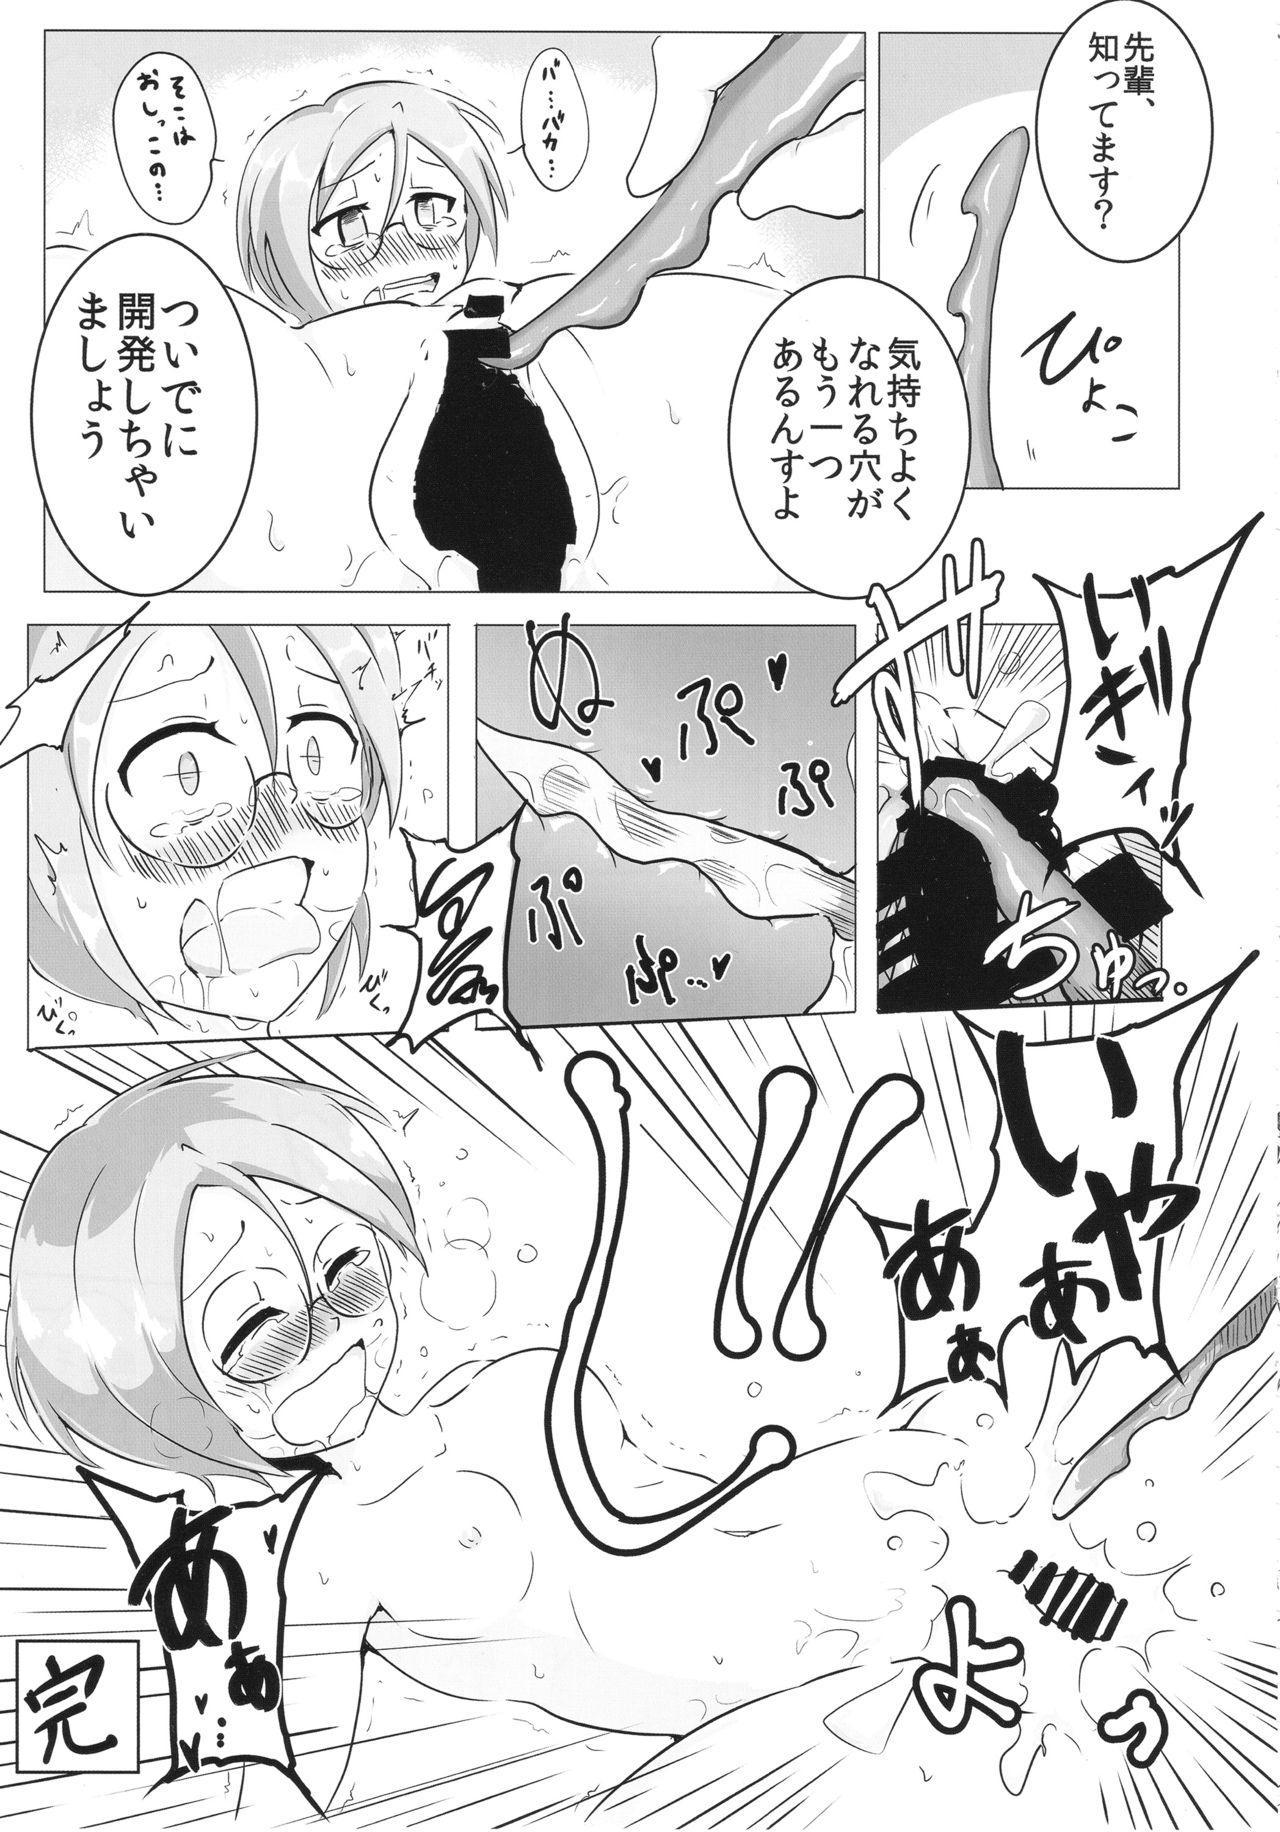 Tiger Shashin Juku vol. 1 52